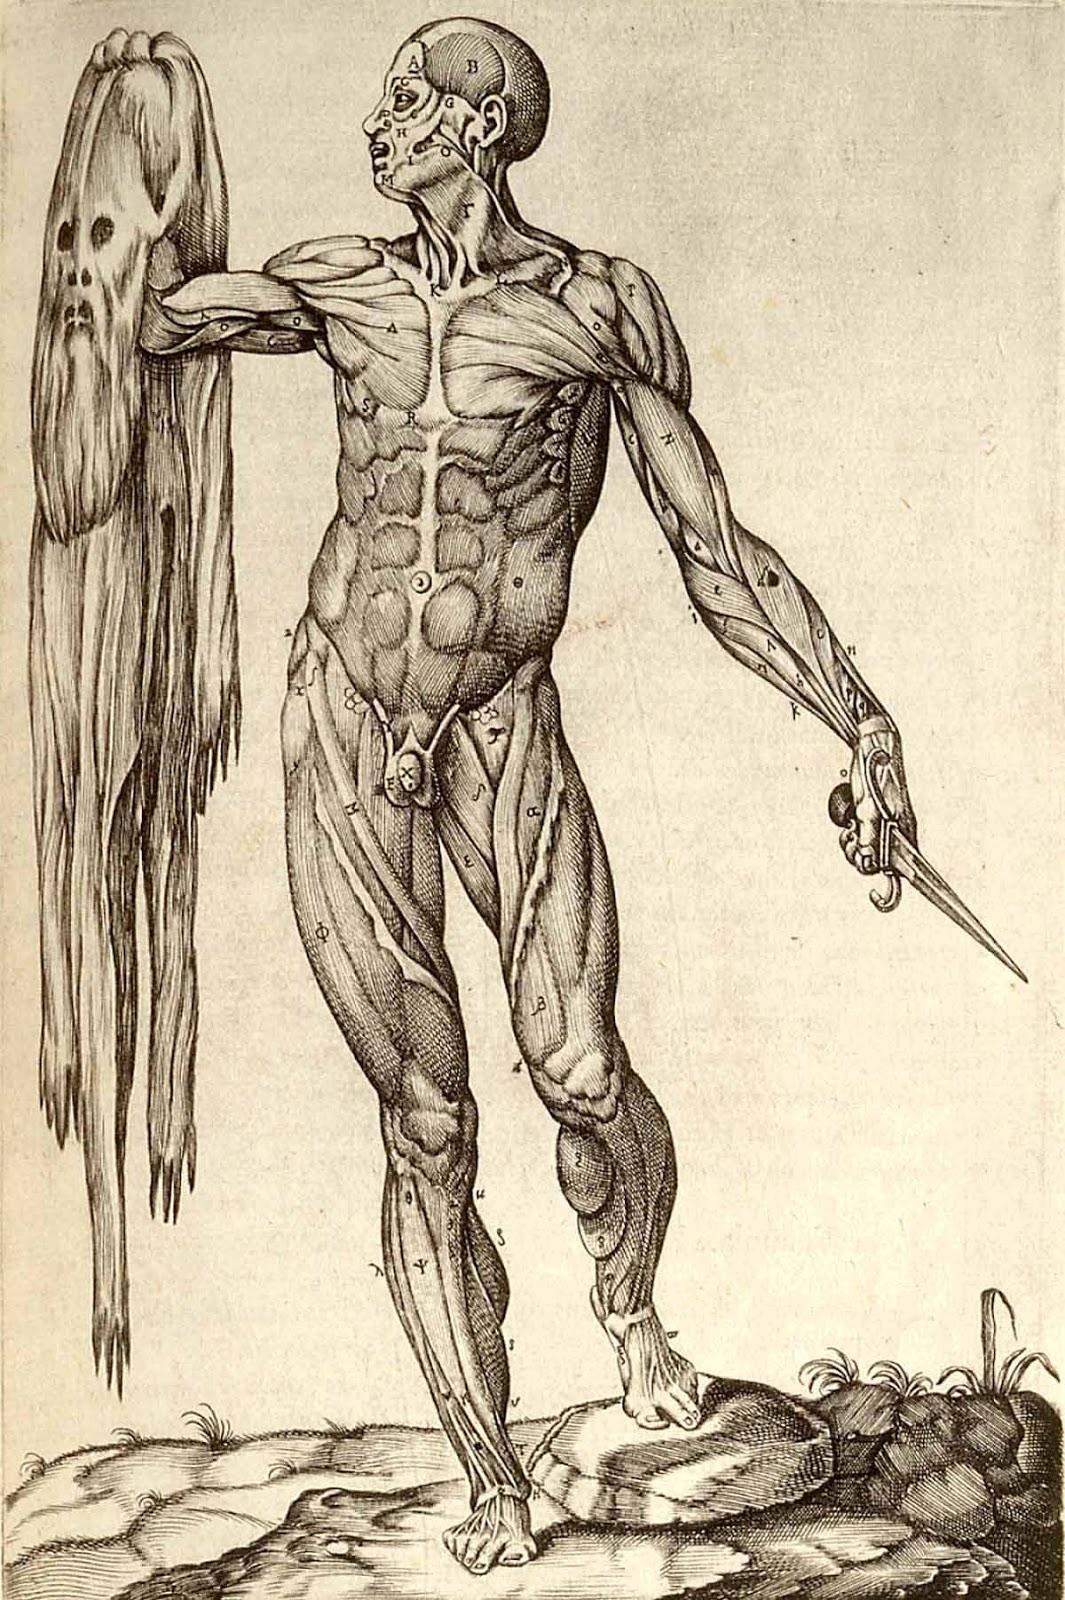 Asombroso Dibujos Anatomía De Leonardo Da Vinci Ideas - Imágenes de ...